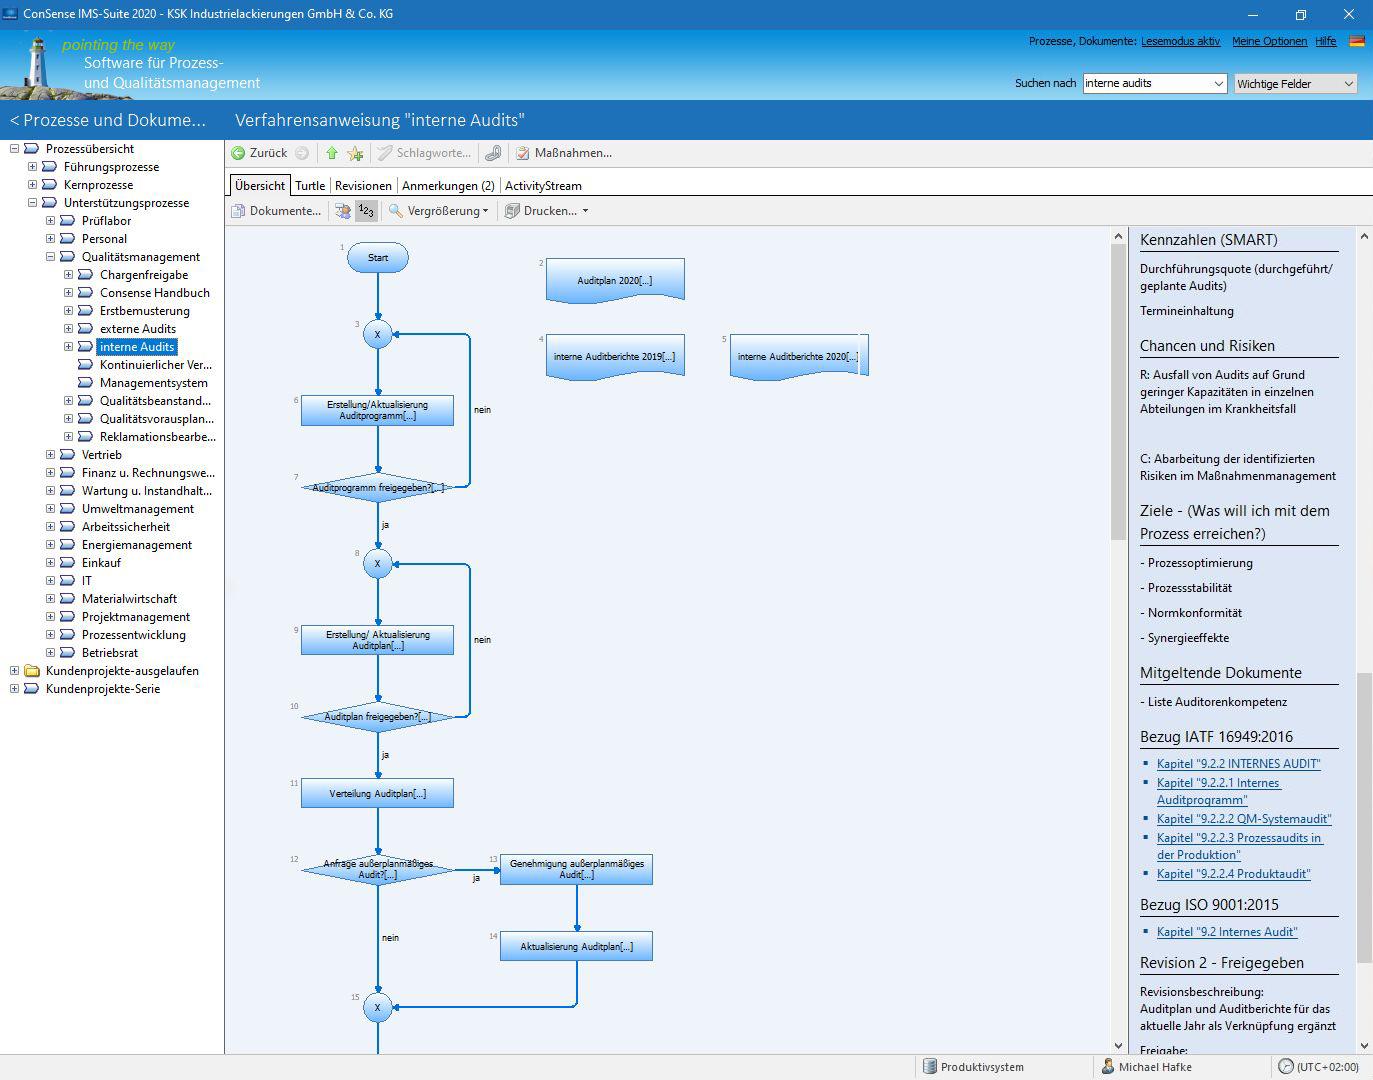 Mit ihrer QM-Software spart KSK viel Zeit bei der Umsetzung von Anforderungen wie DIN EN ISO 9001 und IATF 16949. (Bild: KSK Industrielackierungen)